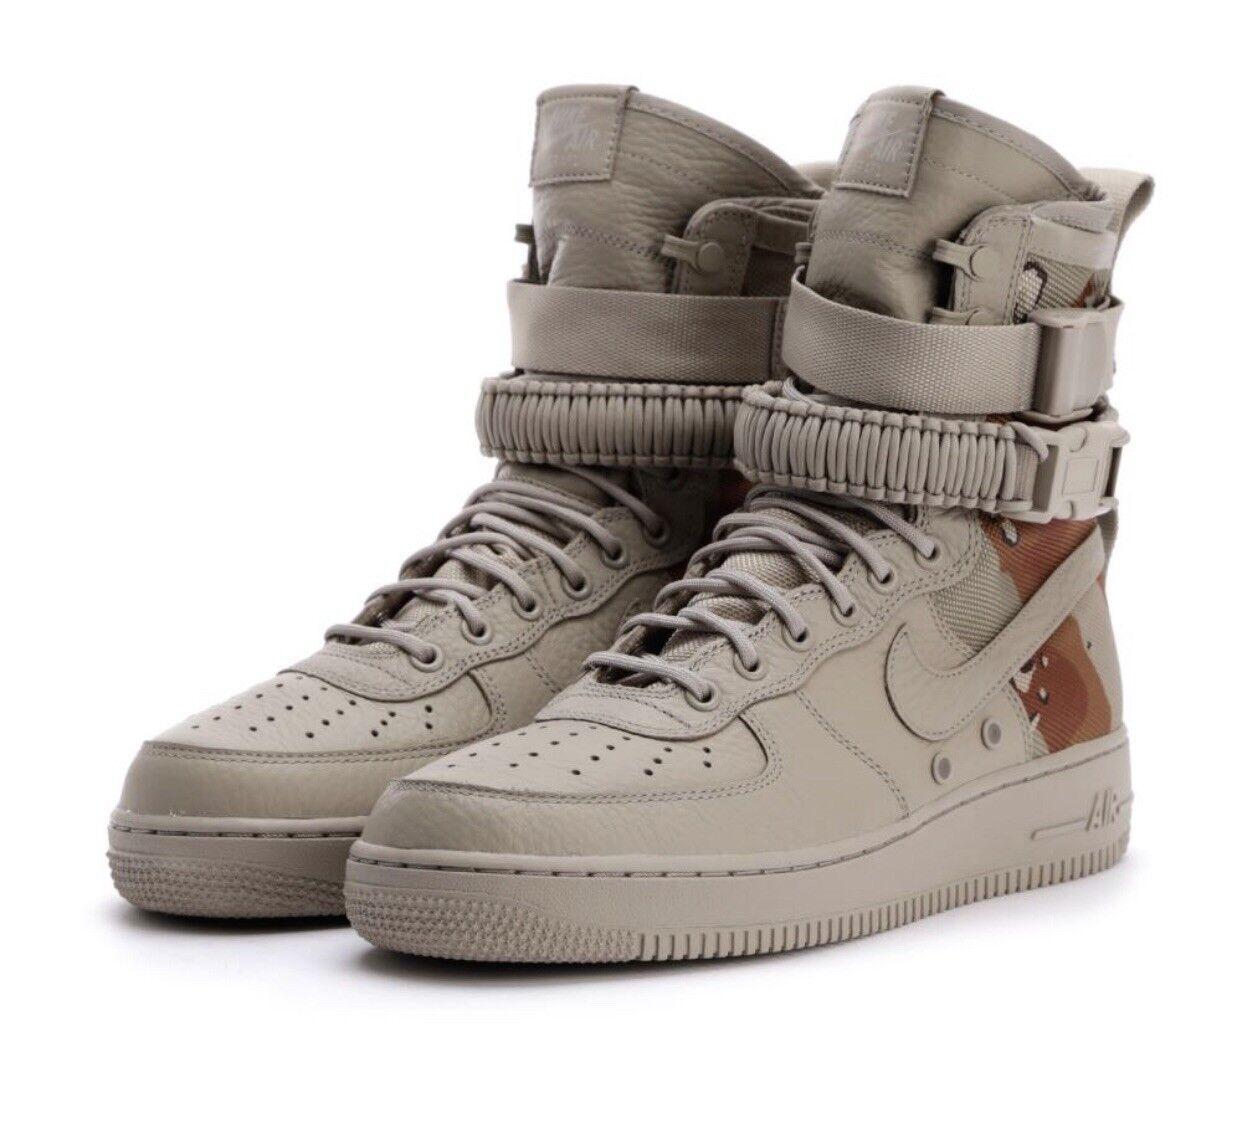 Nike Special Field AF1 QS 'Desert Camo' UK9 US10 EU944